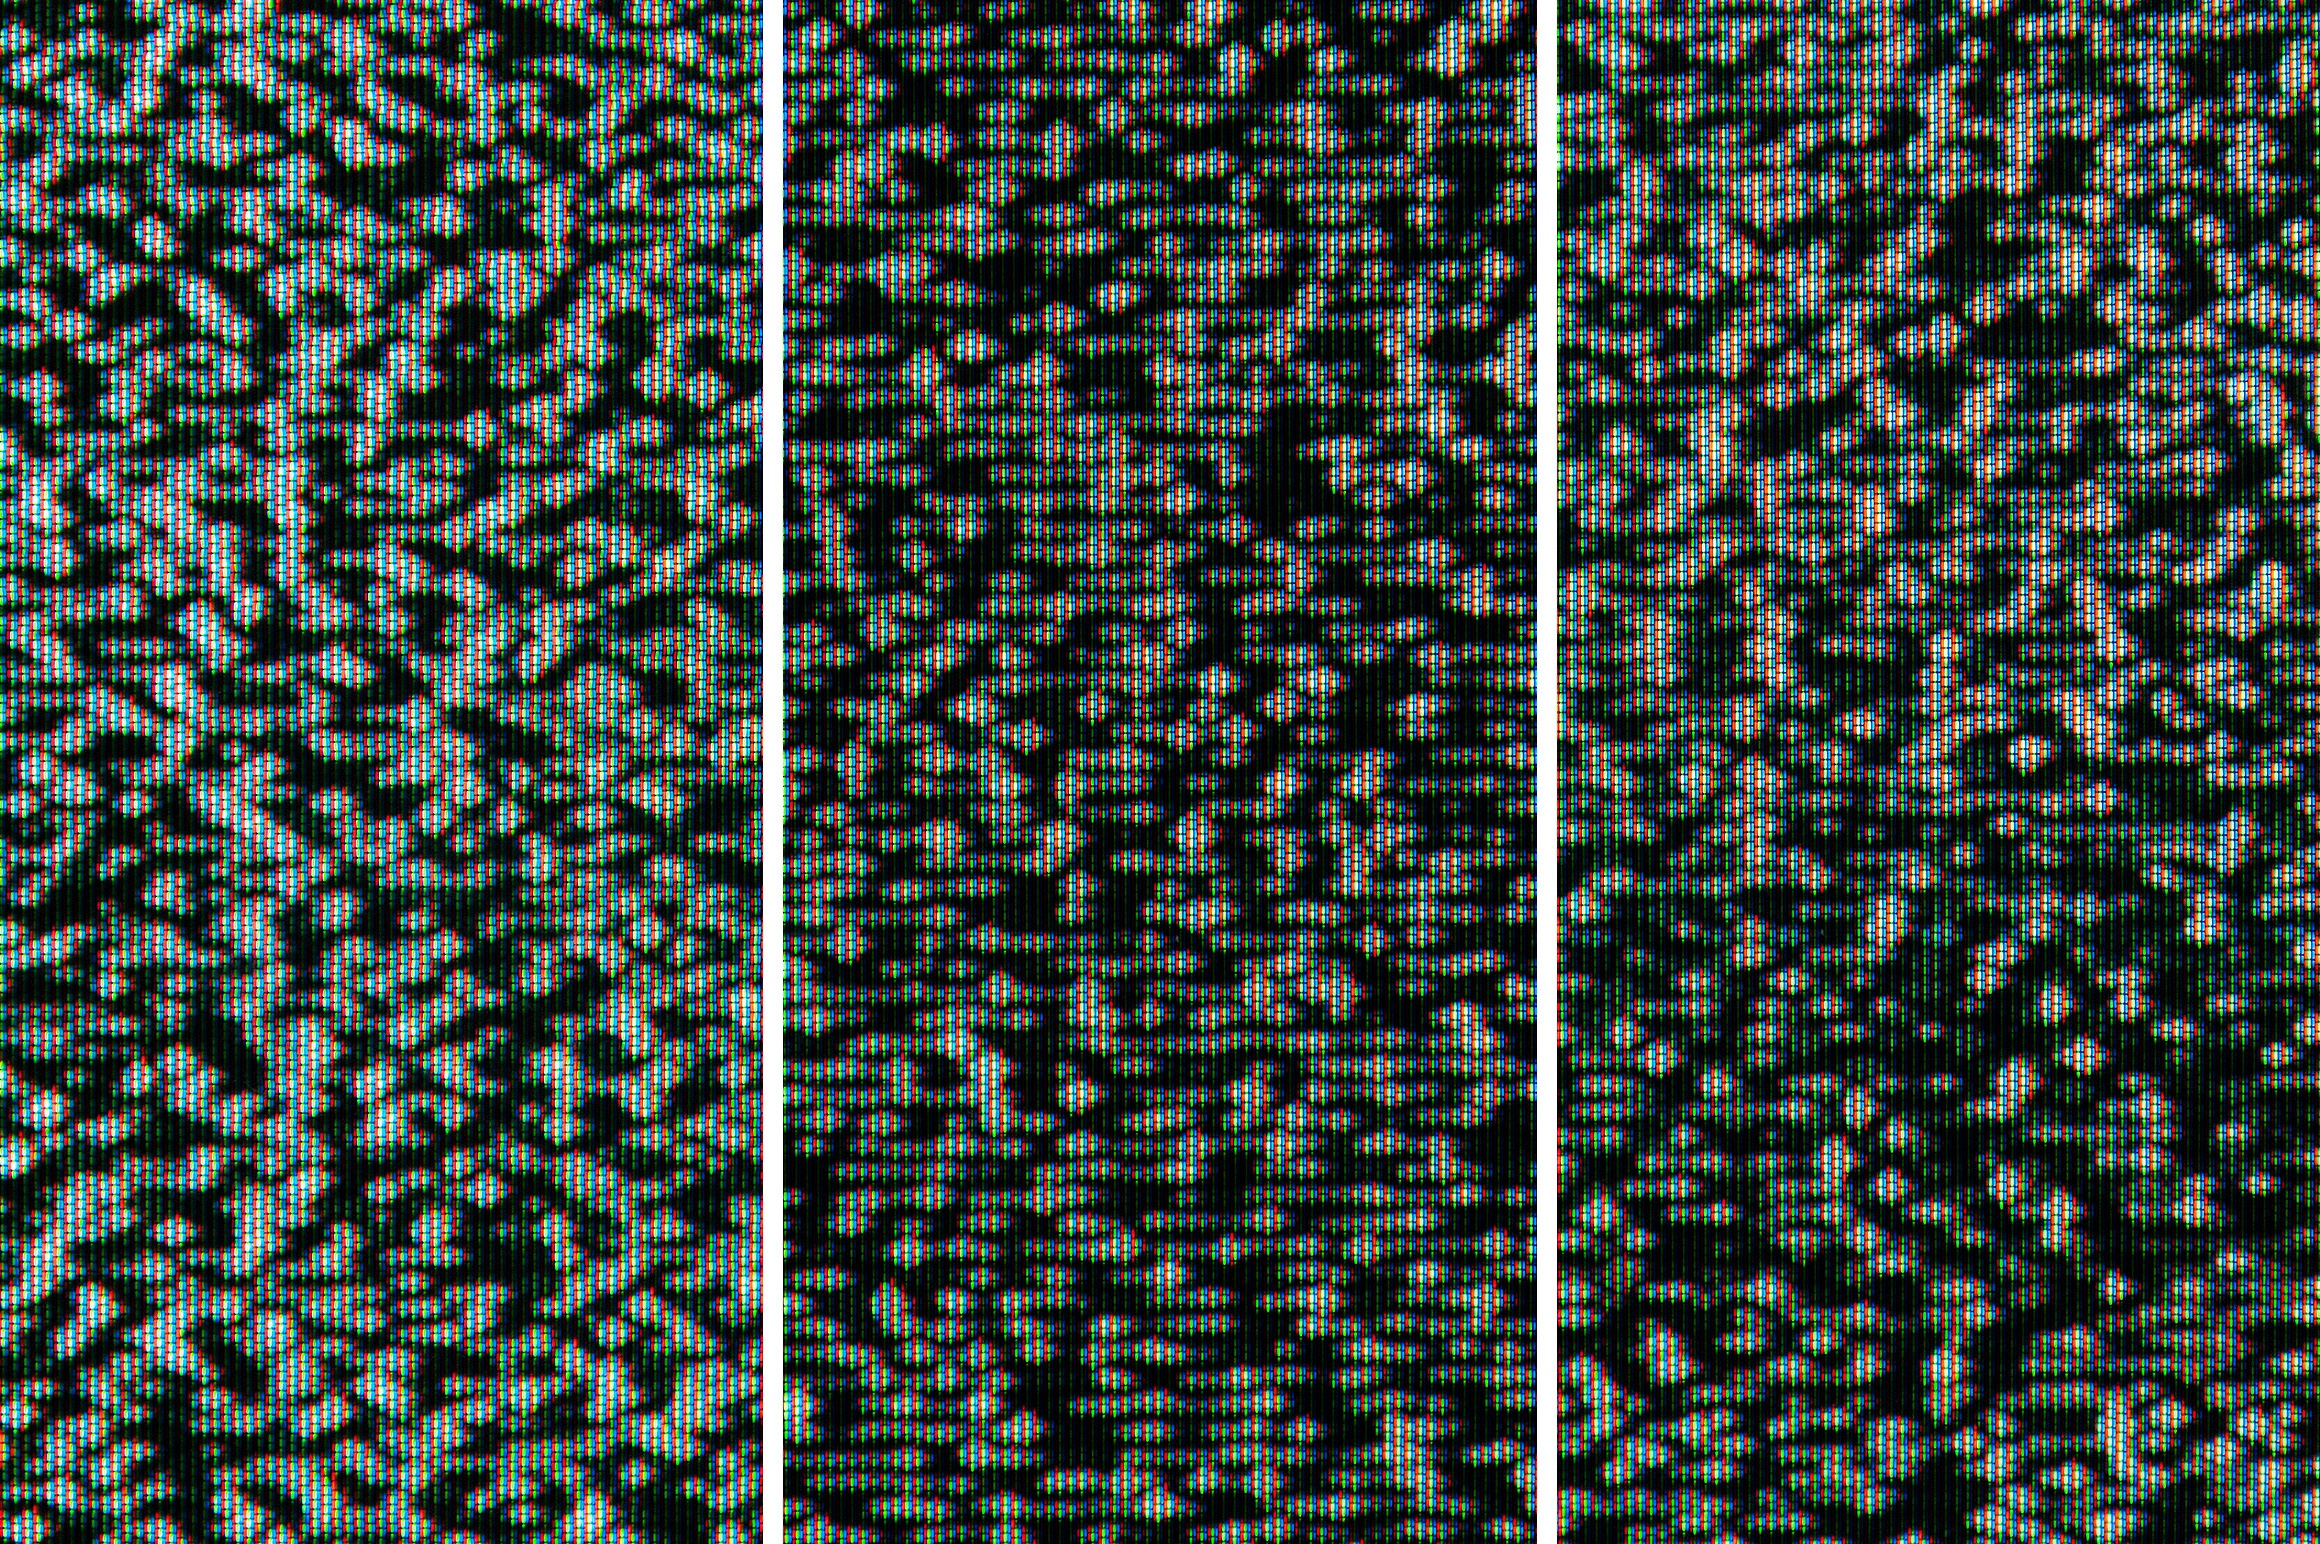 The shop tv noise textures prvs cm 05